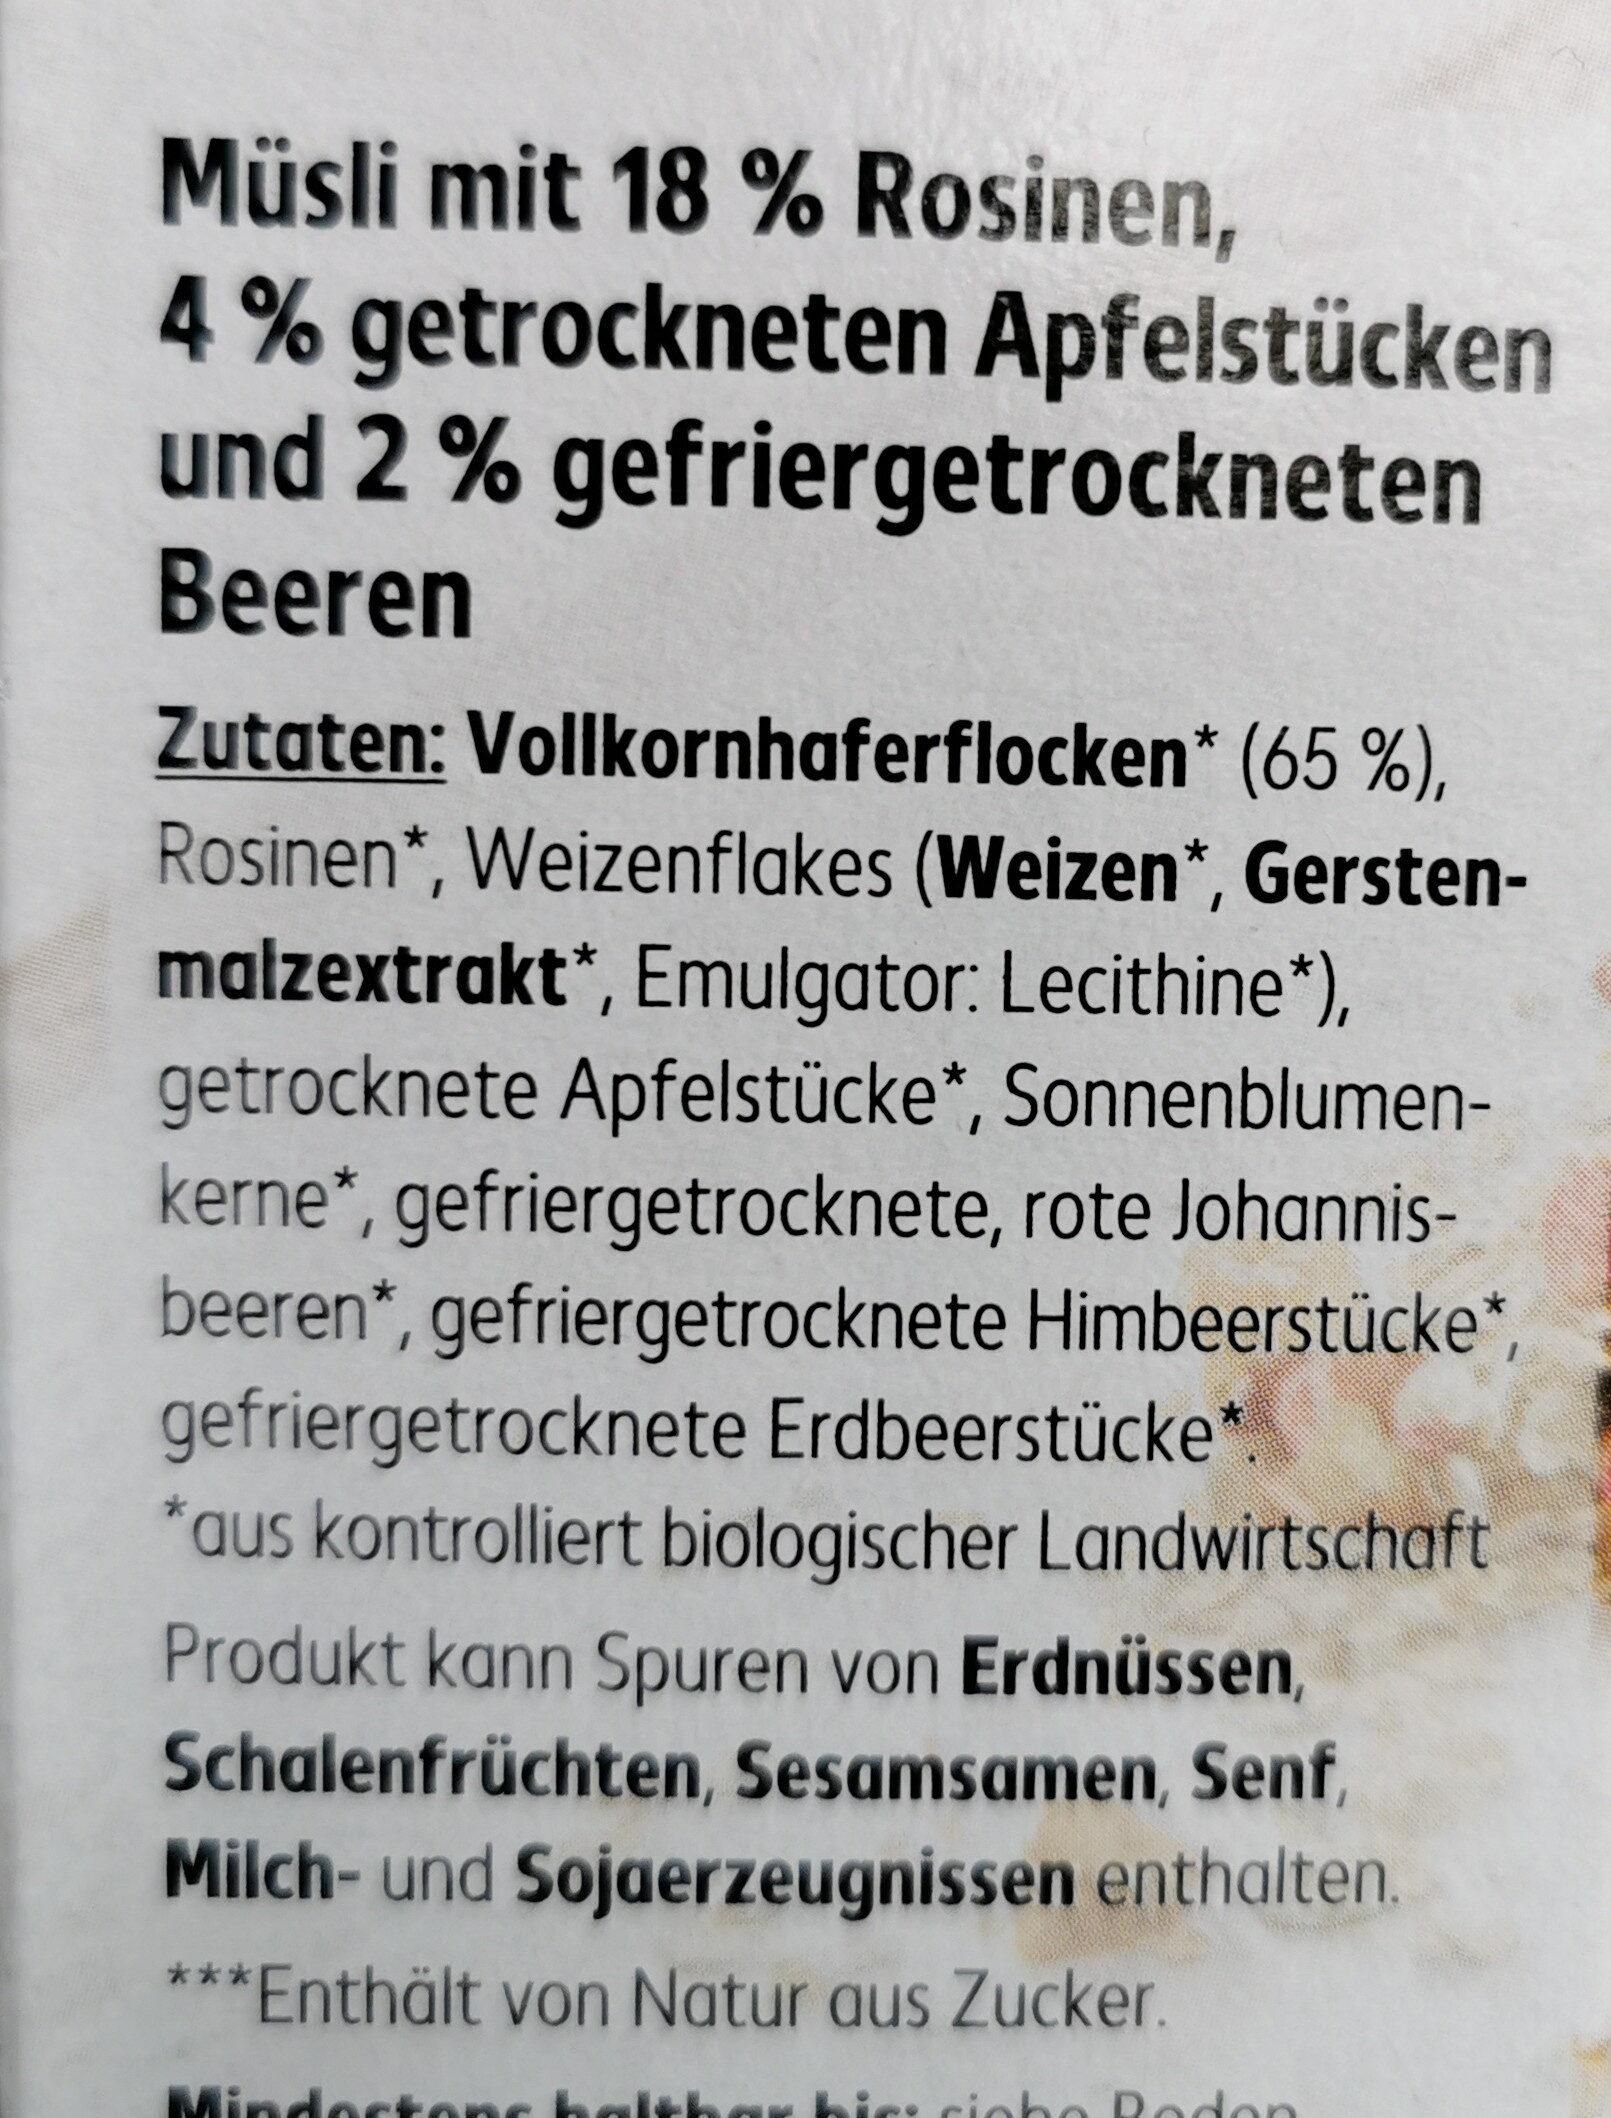 Beeren Müsli - Zutaten - de